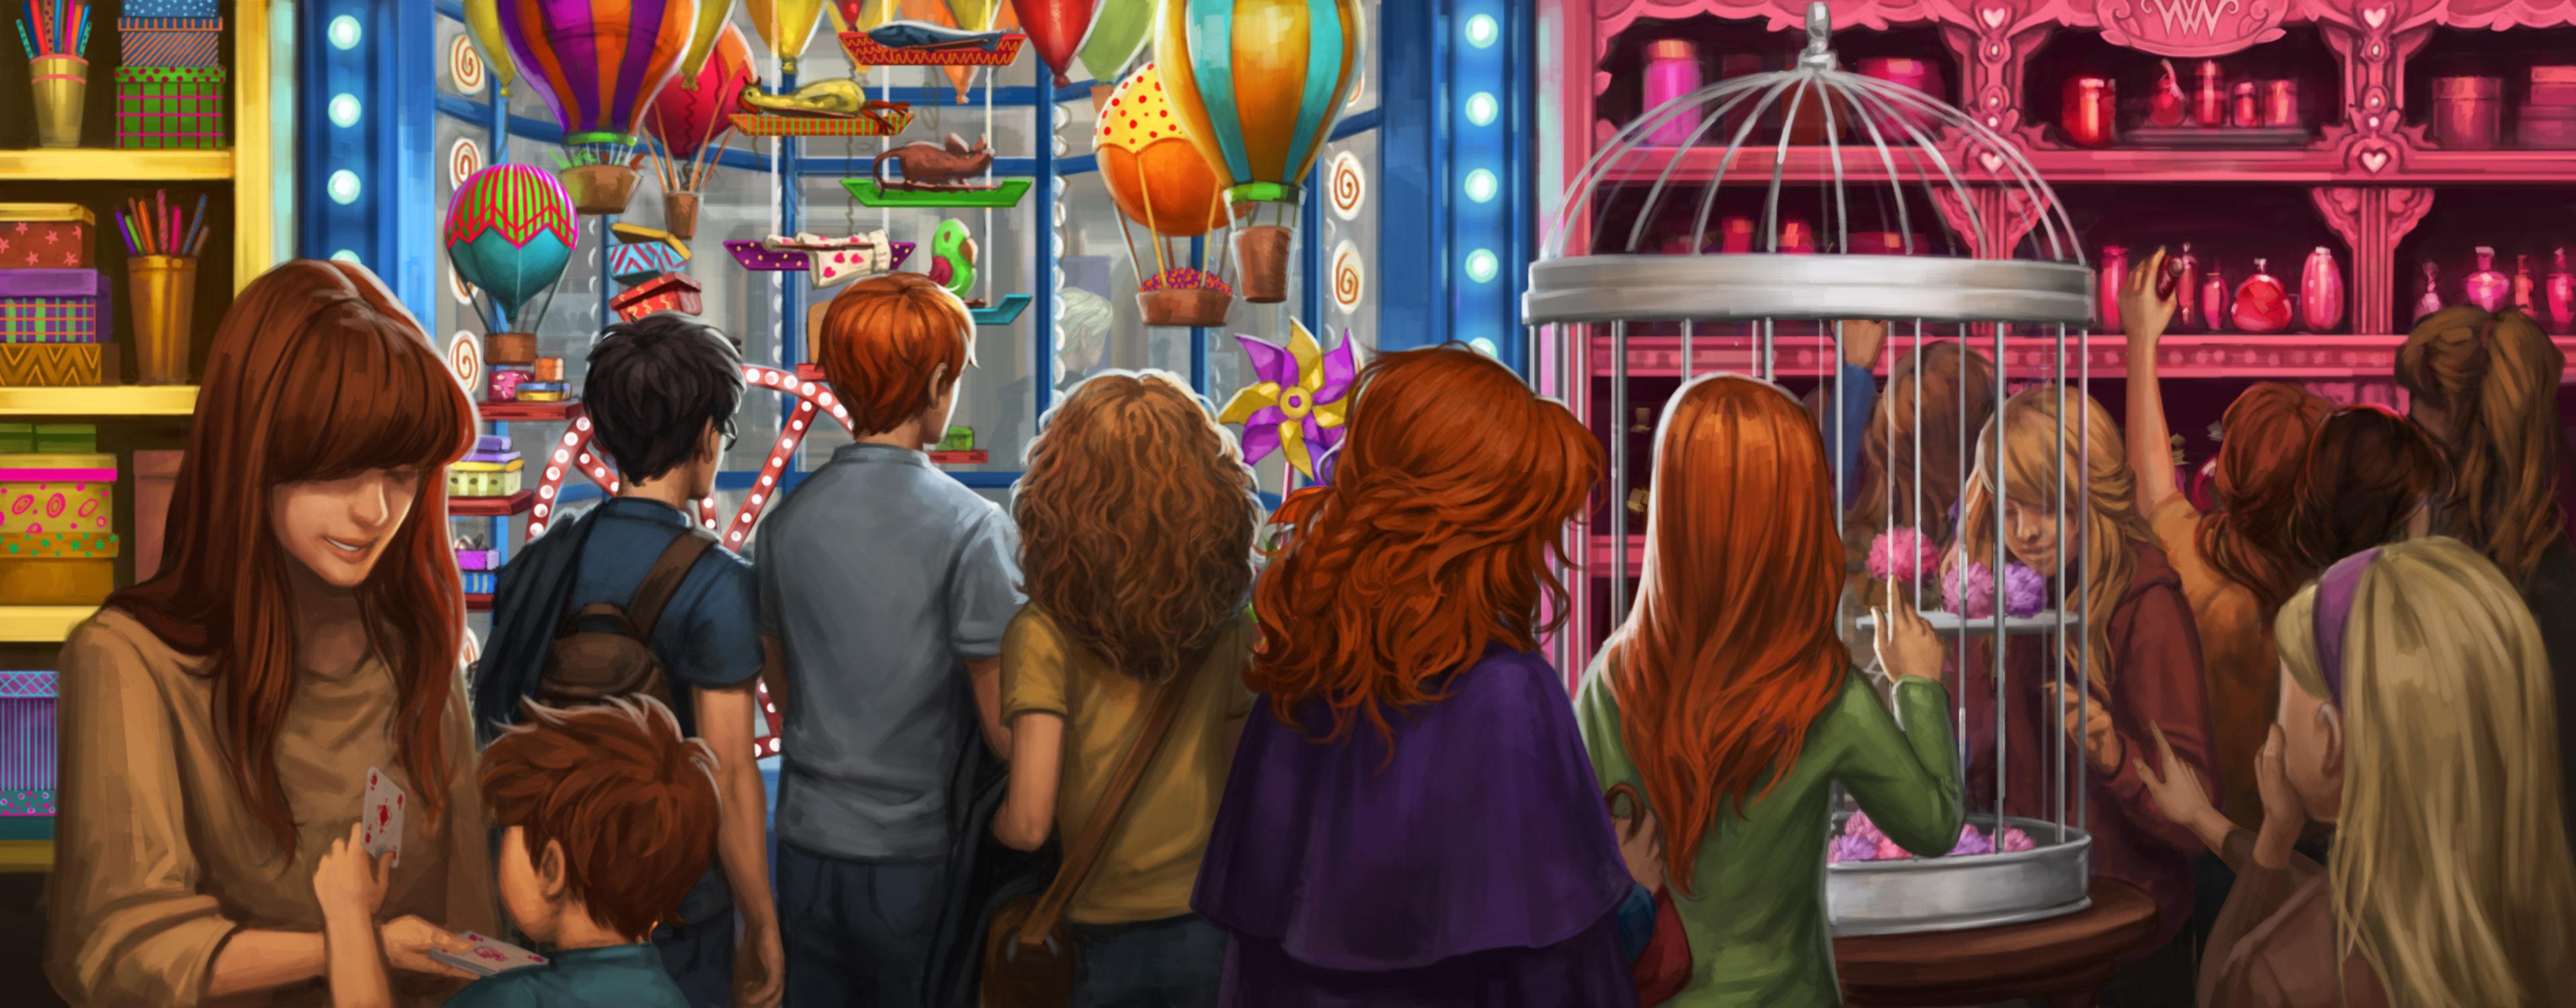 B6C6M1 inside Weasleys' Wizard Wheezes.jpg